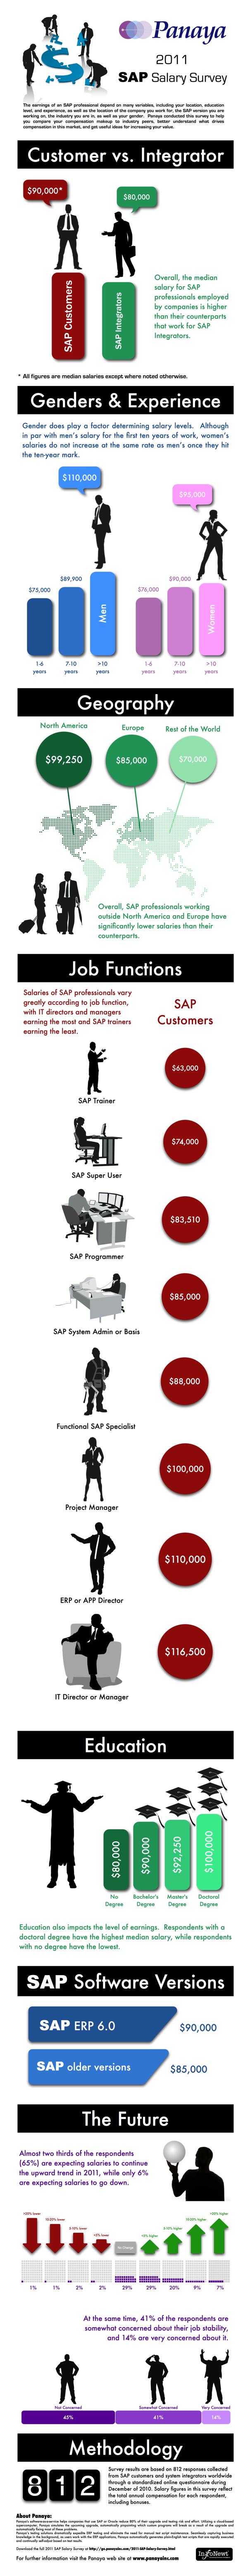 Encuesta de salarios SAP